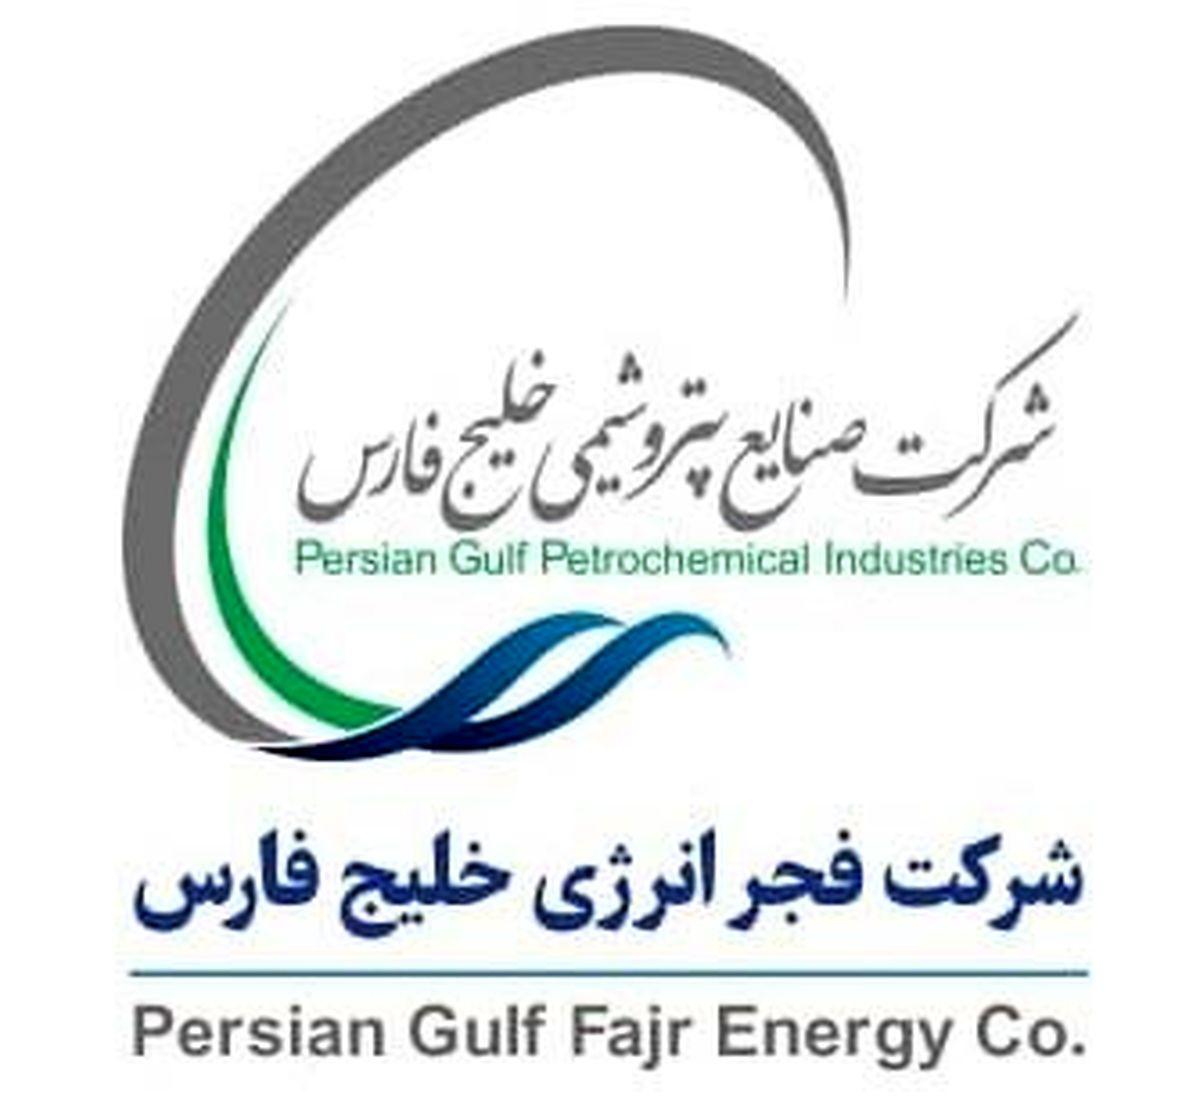 سامانه ارزیابی تامین کنندگان شرکت فجر انرژی خلیج فارس به زبان ساده